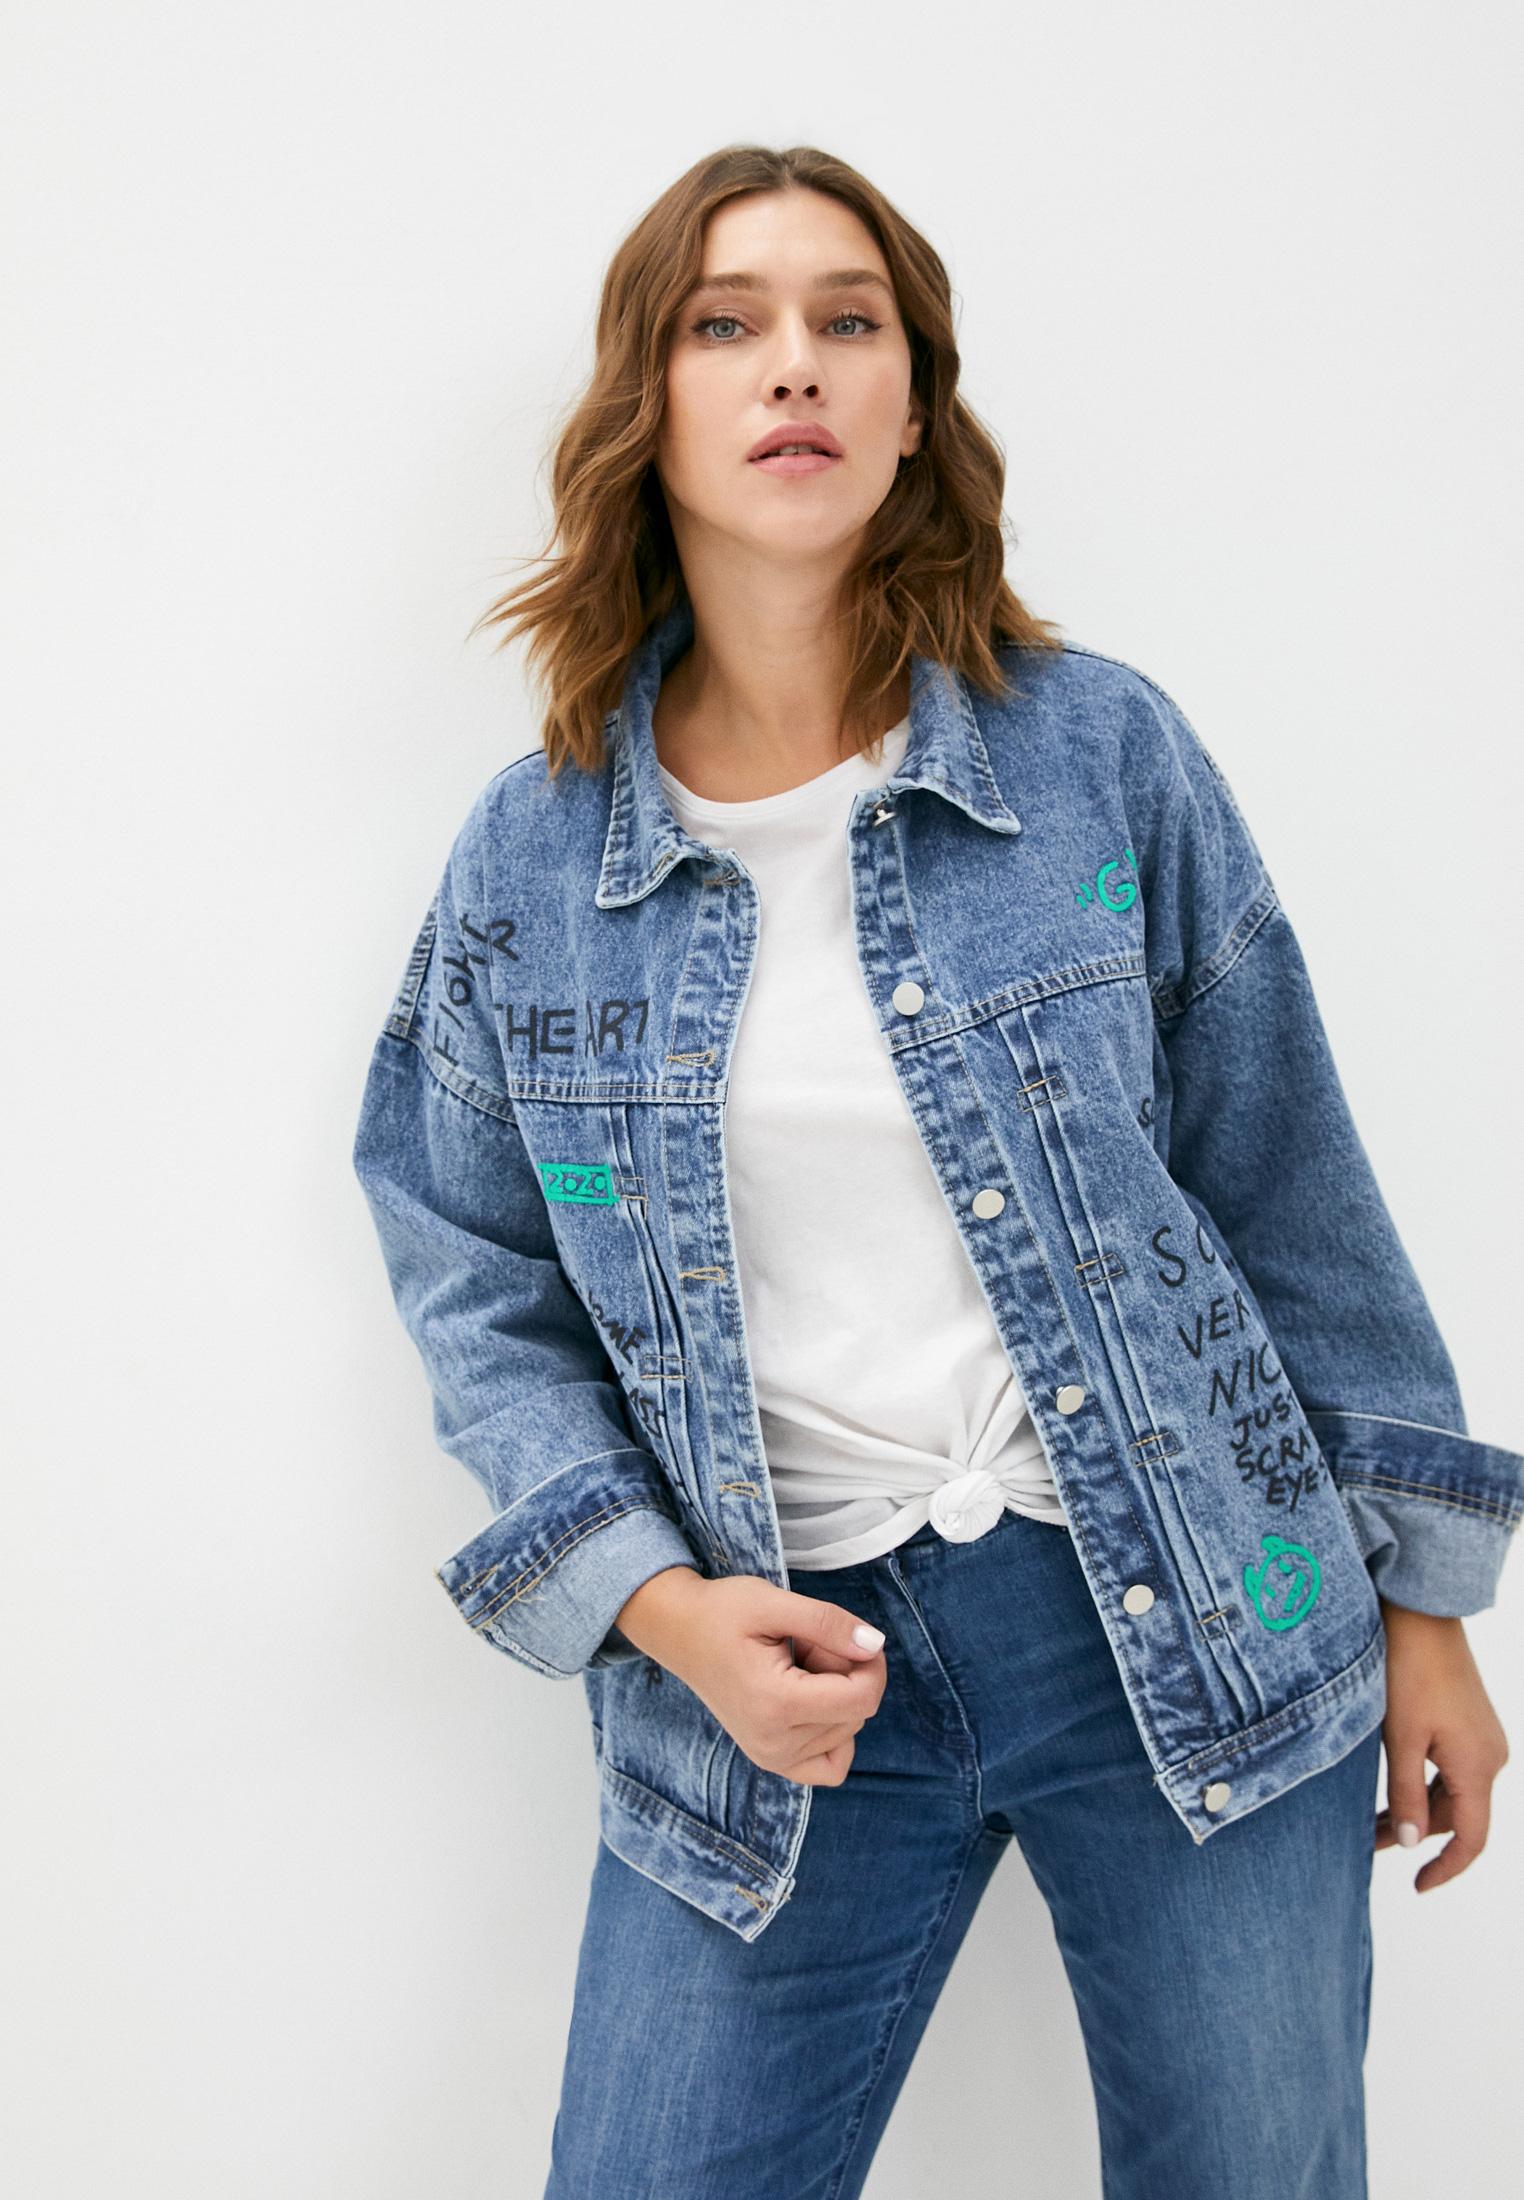 Джинсовая куртка Francesca Peretti Куртка джинсовая Francesca Peretti